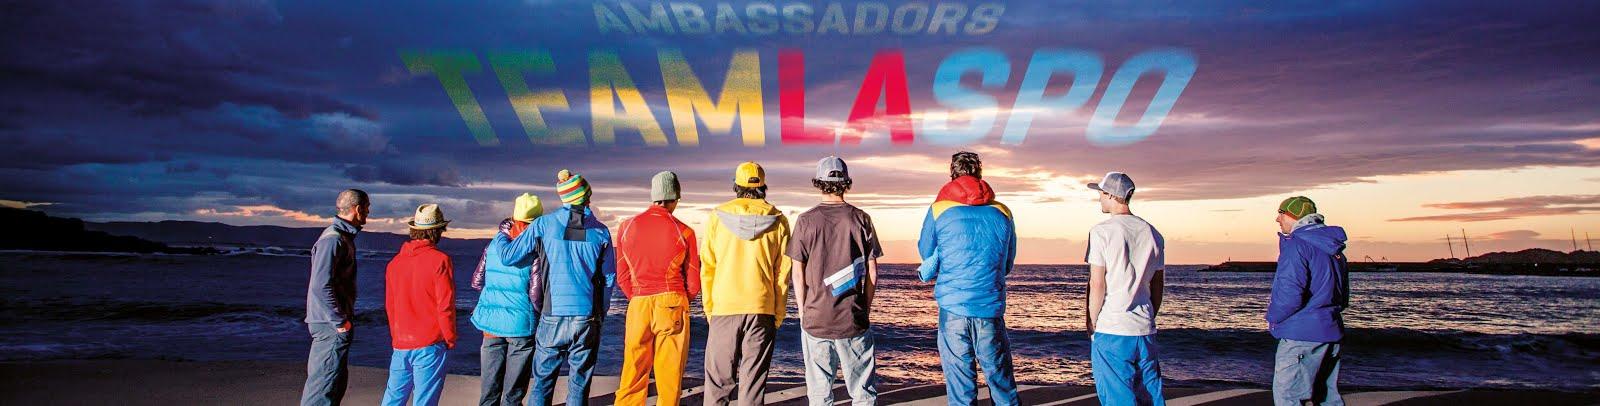 Team LaSpo